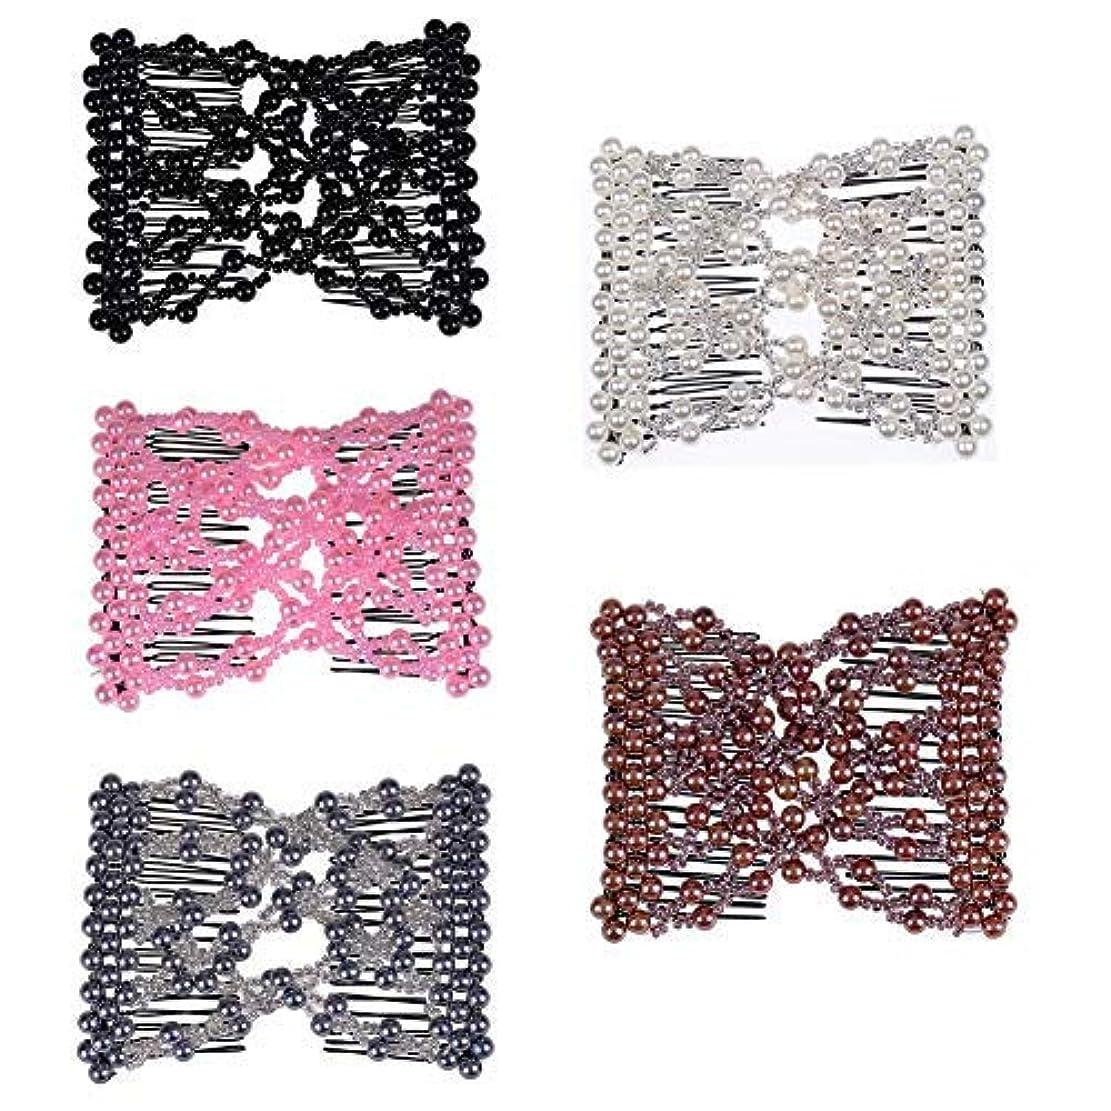 バースト凝縮する道Casualfashion 5Pcs Ez Stretch Beaded Hair Combs Double Magic Slide Metal Comb Clip Hairpins for Women Hair Styling...